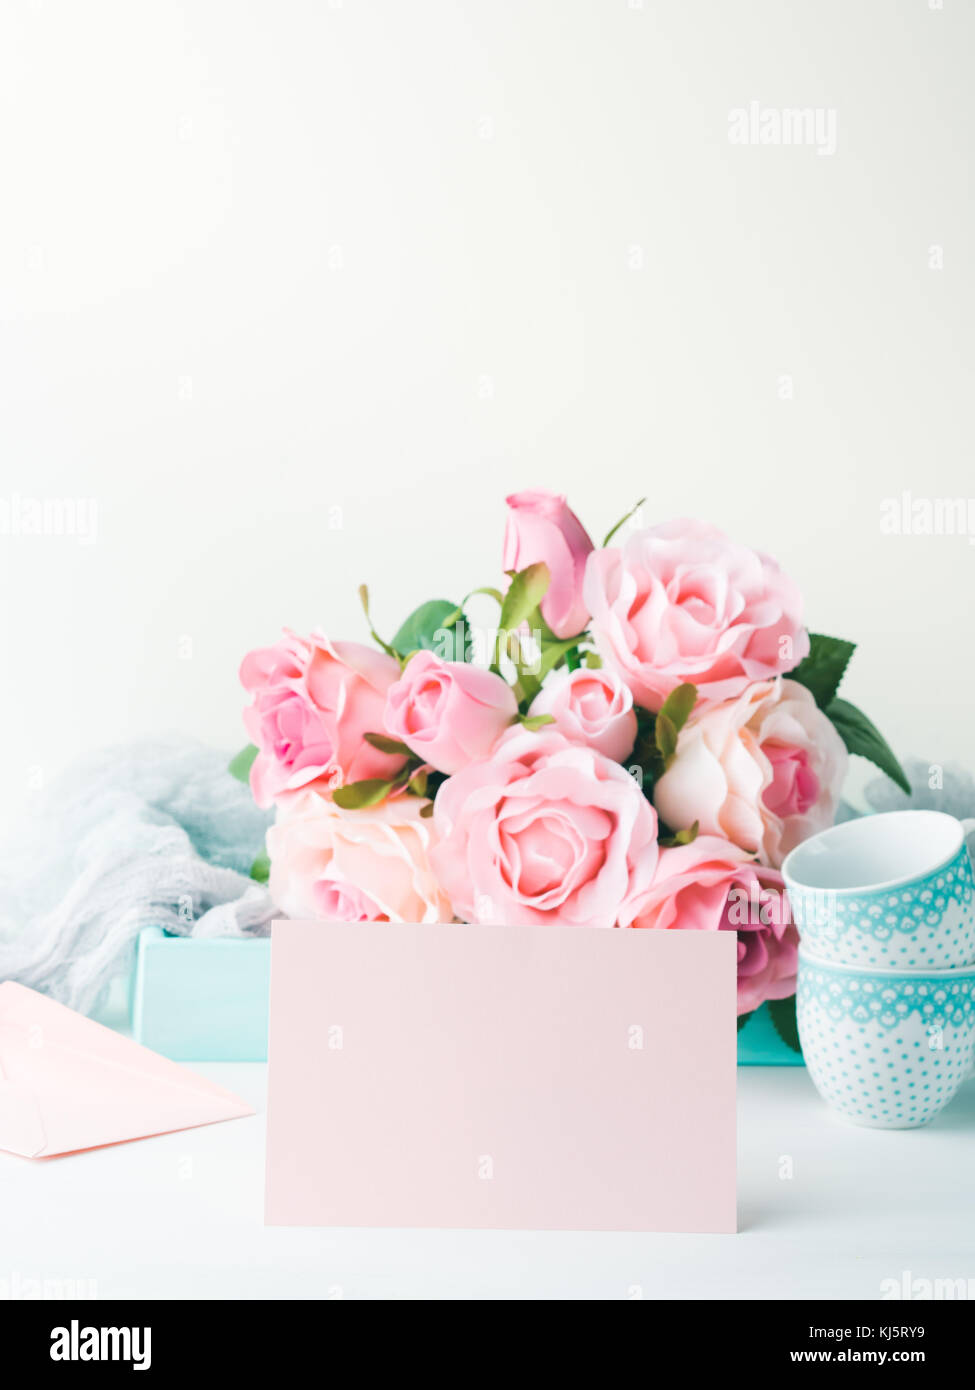 Carte Vierge Du Papier Rose Pour La Saint Valentin Ou La Mere Femme Mariage Anniversaire Bebe Jour Date Romantique Invitation Contexte Avec Bac Textile Romantique Roses Photo Stock Alamy